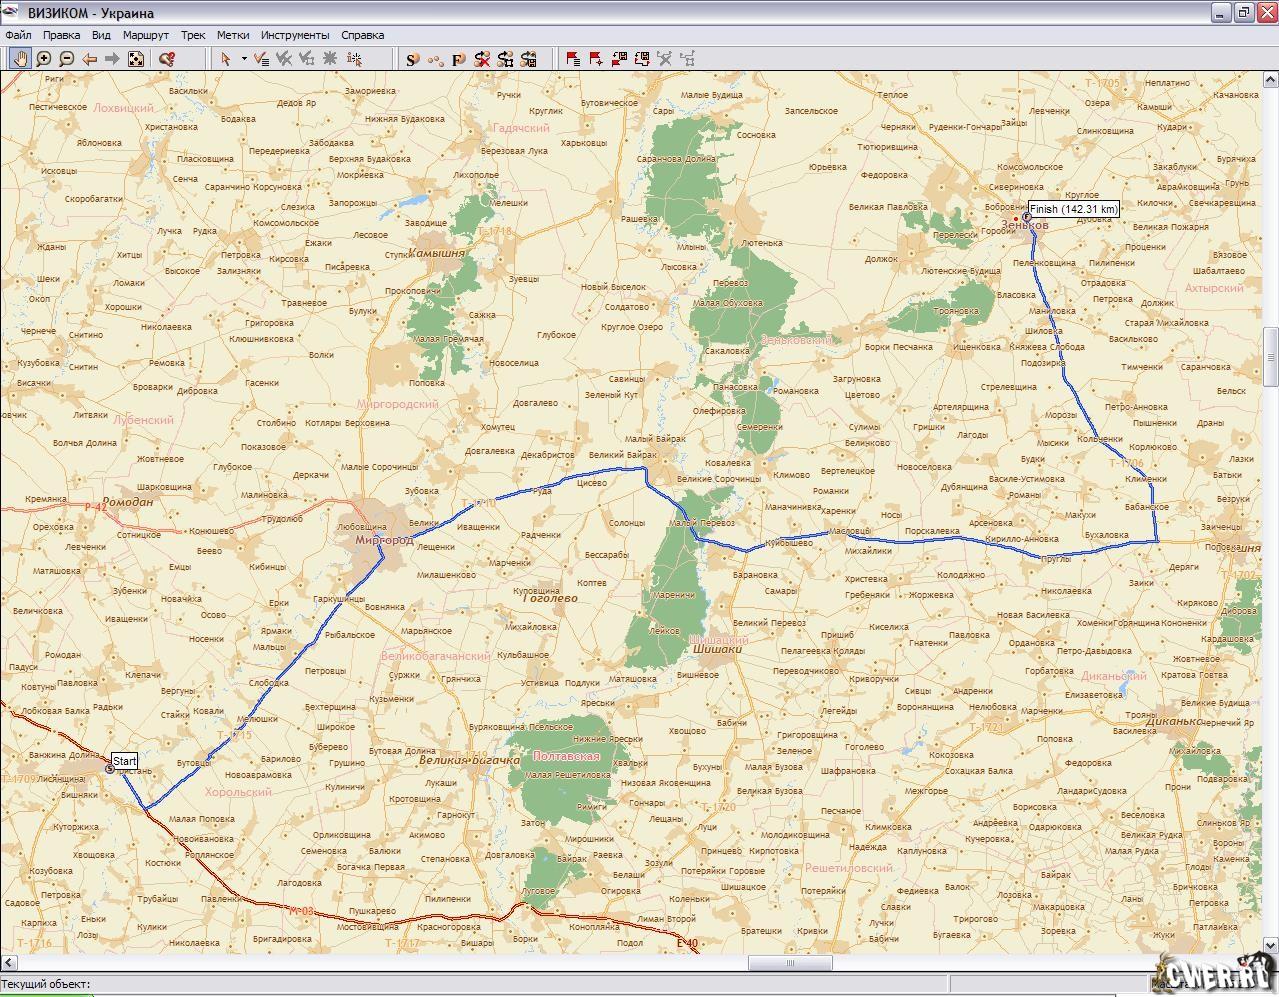 VISICOM MAPS UKRAINE 2014 СКАЧАТЬ БЕСПЛАТНО